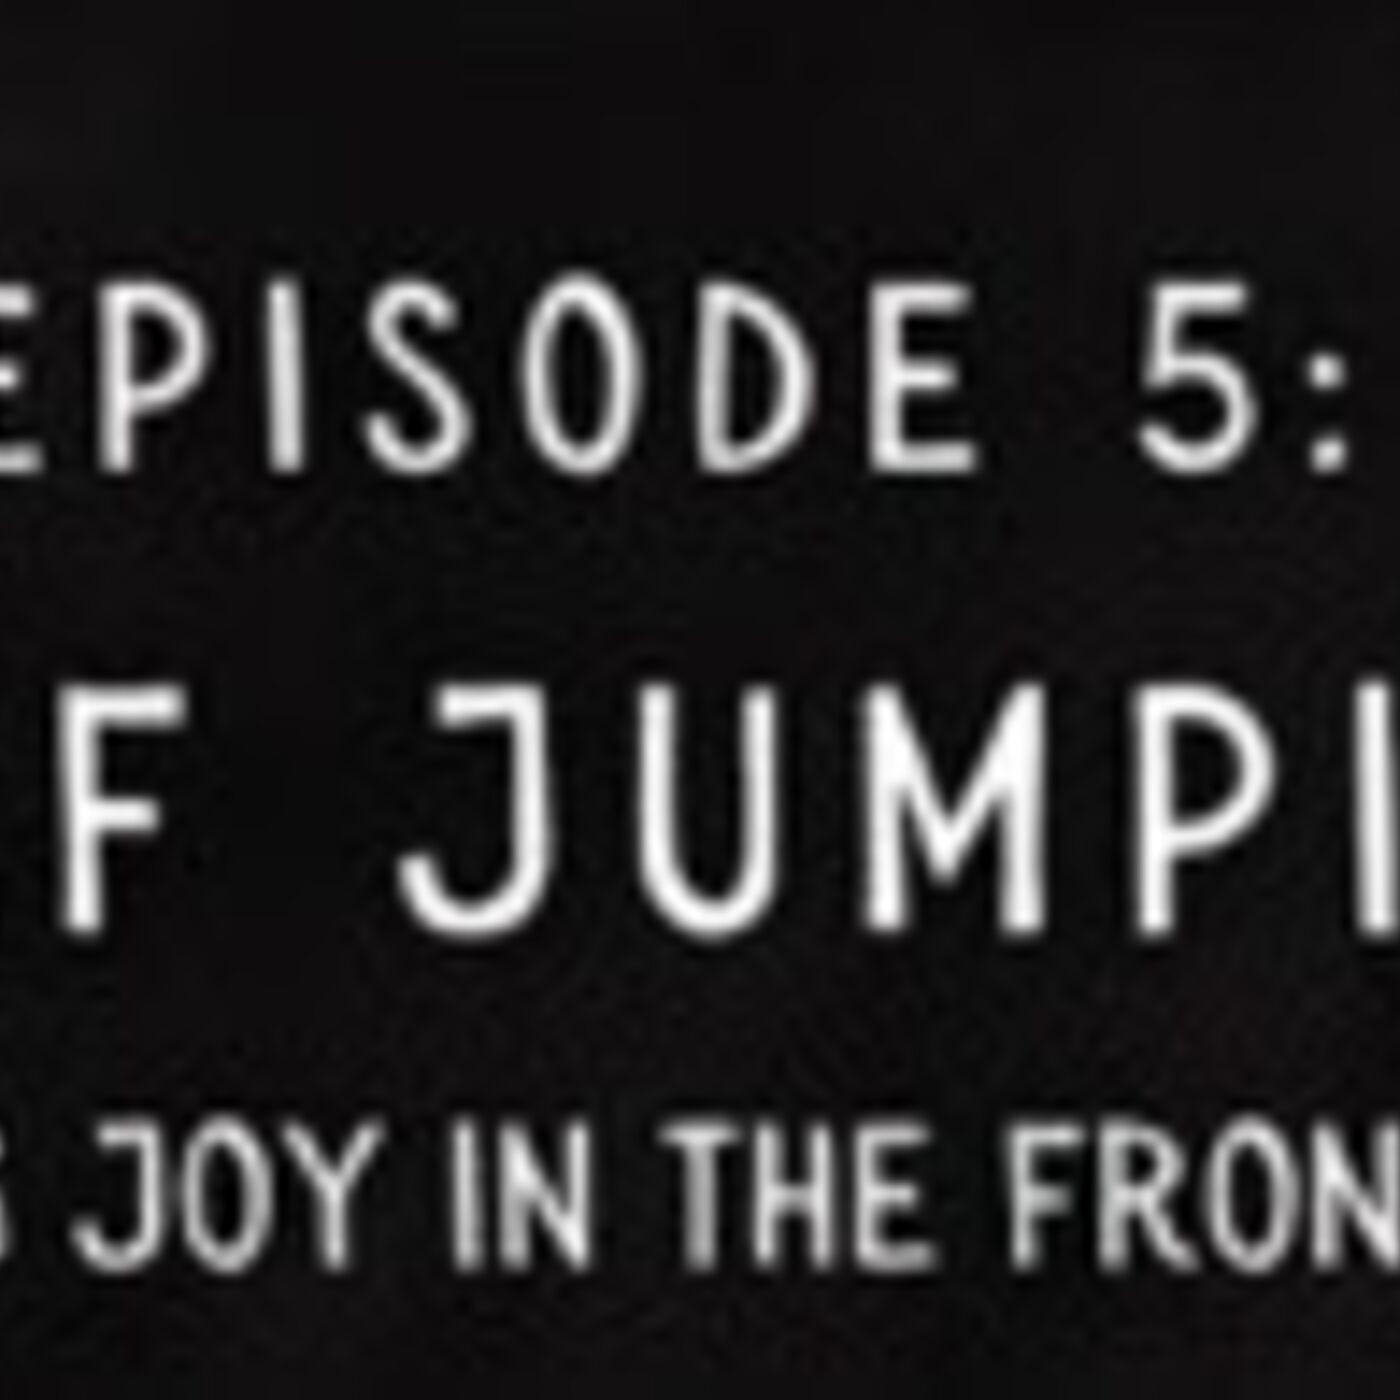 Episode 5: Leaf Jumping